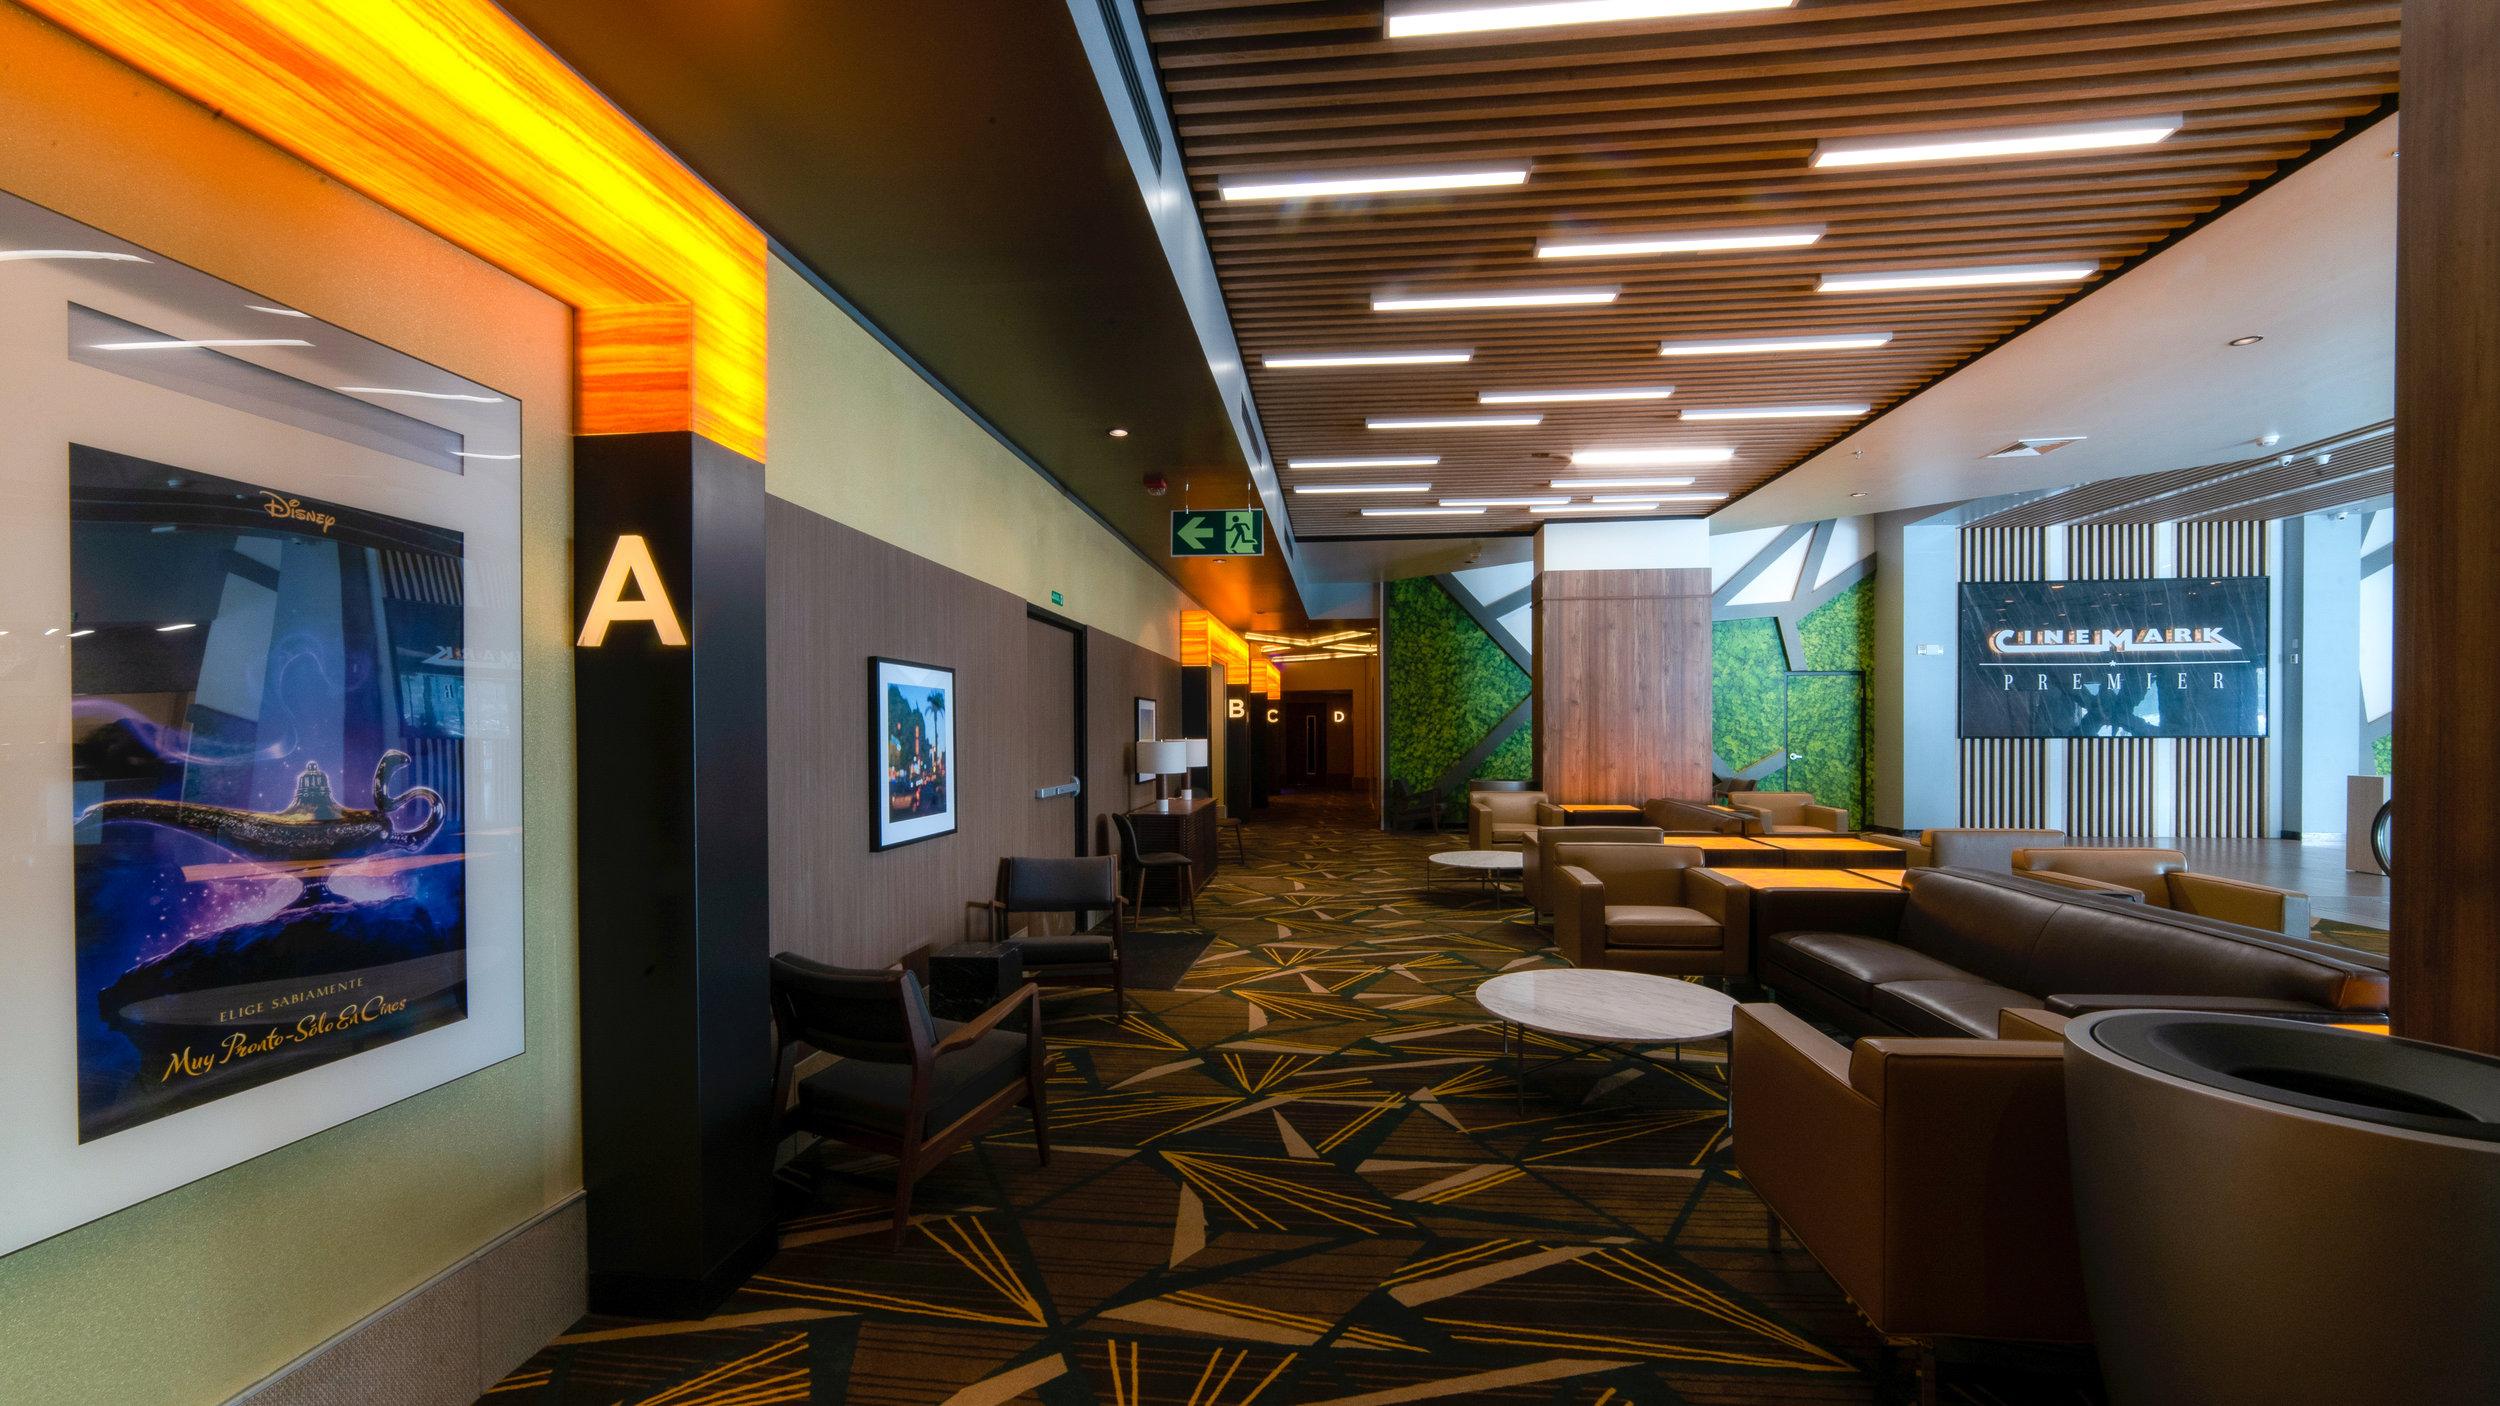 Área de Cinemark Premier Oxígeno Heredia.jpg